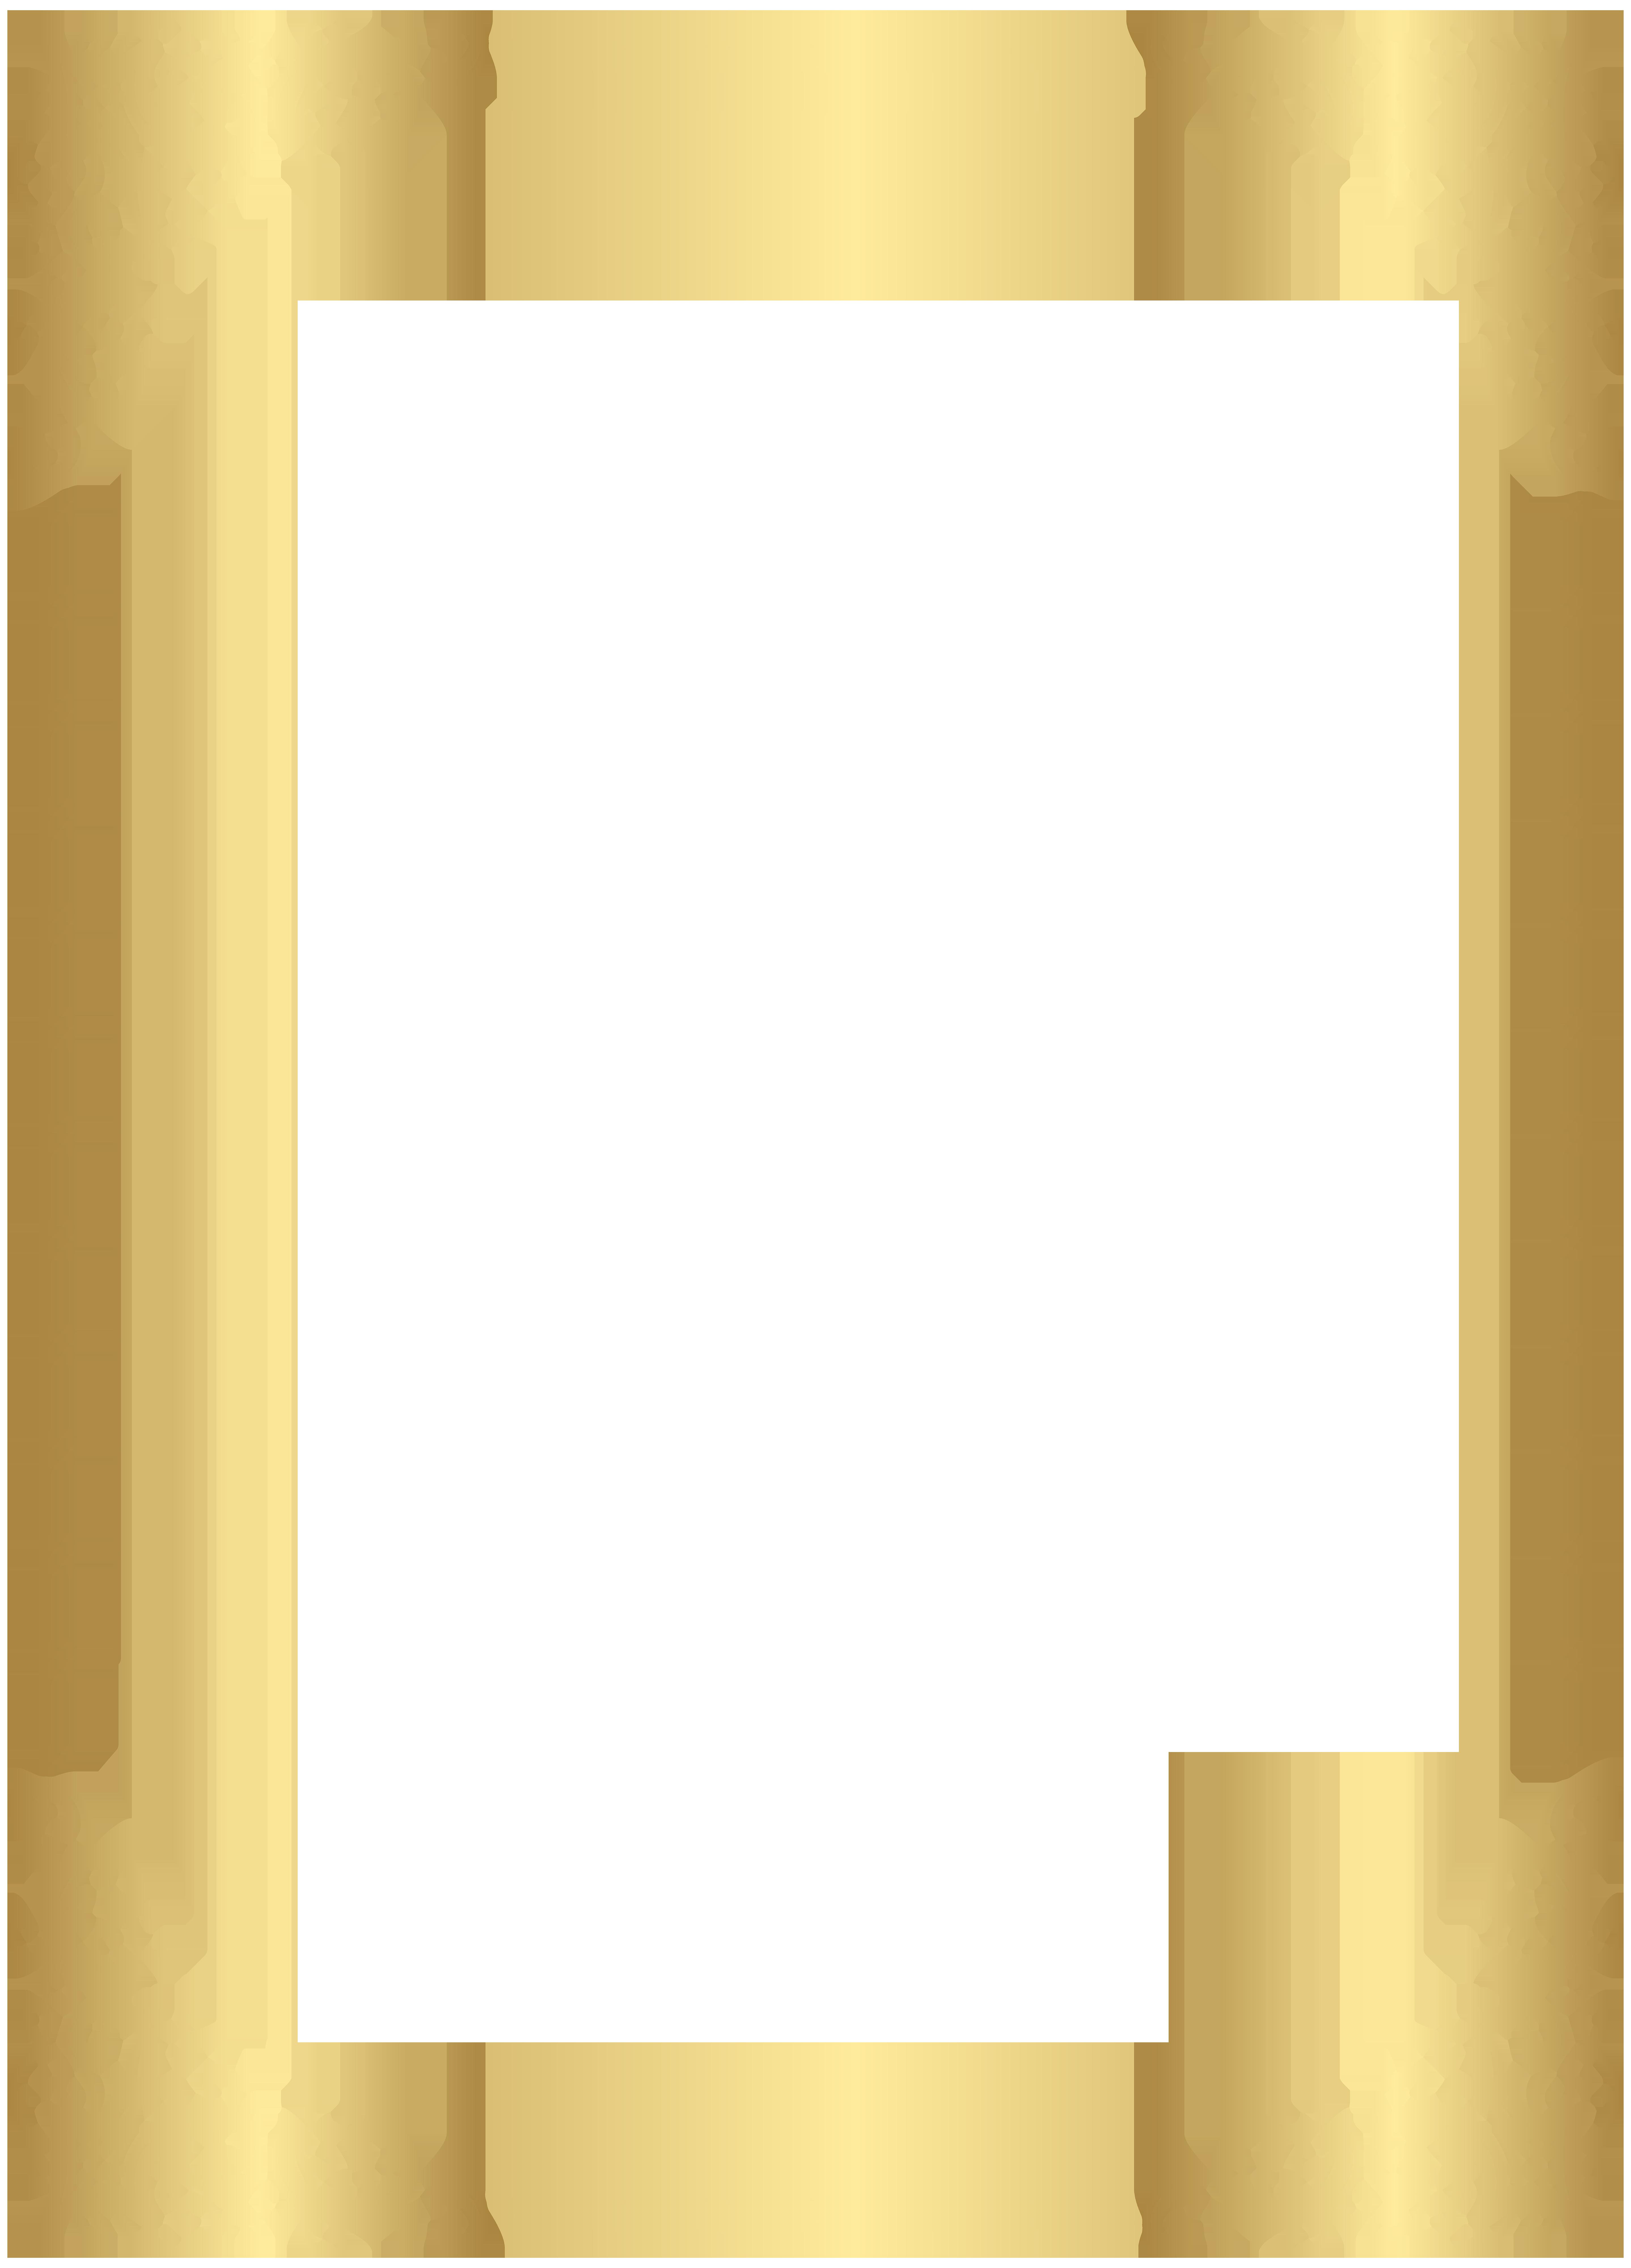 graphic freeuse download Gold Border Frame Transparent Clip Art Image